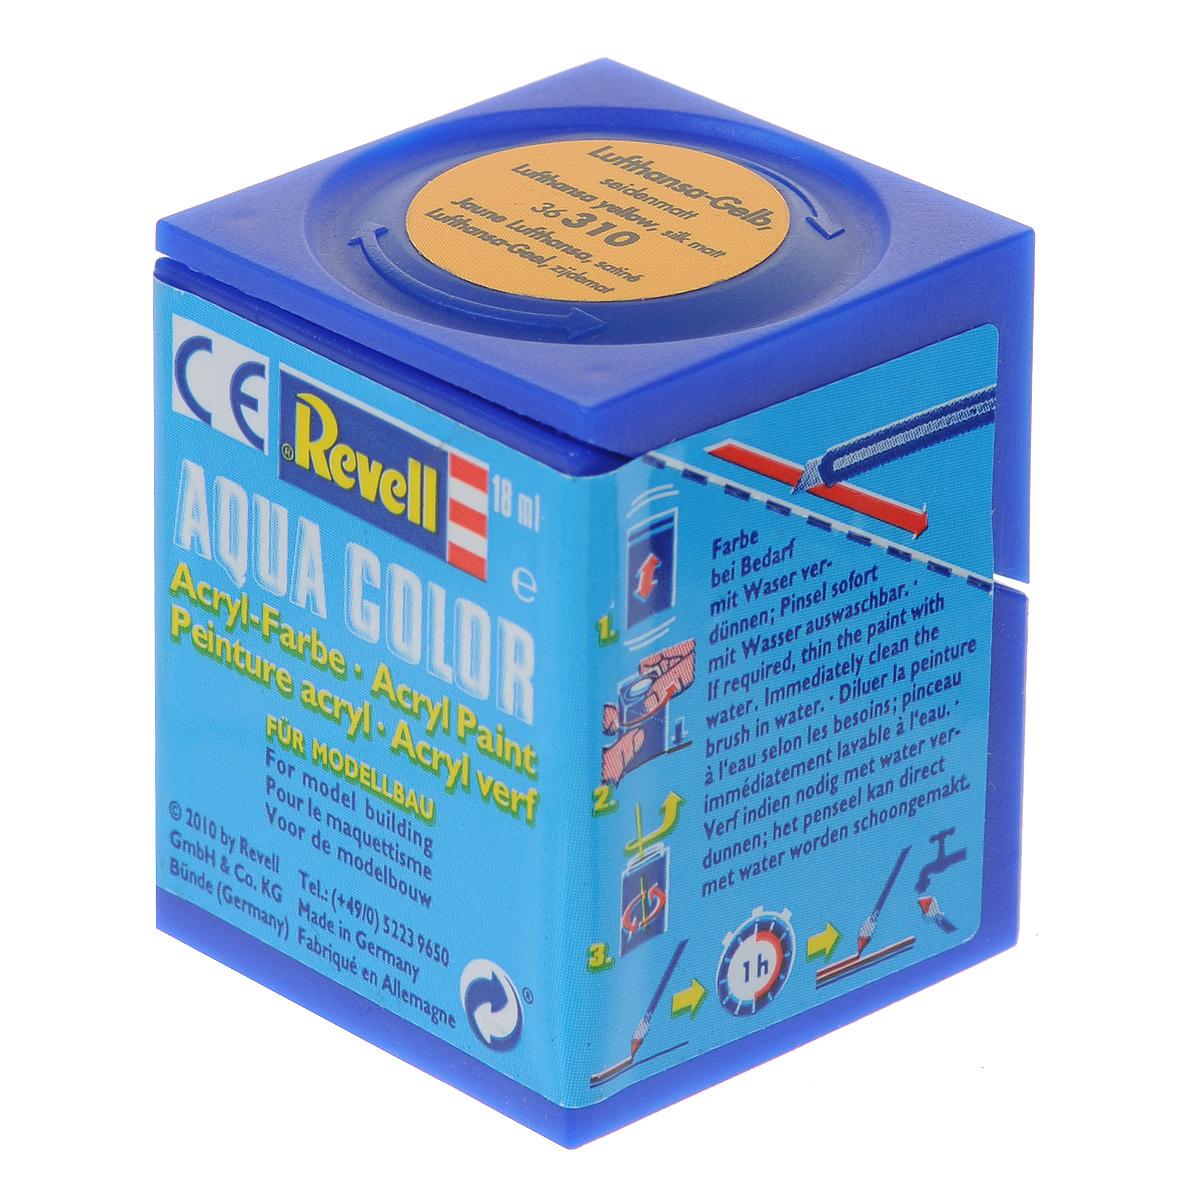 Revell Аква-краска шелково-матовая цвет желтый 18 мл36310Краски для моделей Revell - это высококачественный материал для покраски ваших моделей. Данная краска служит для окрашивания пластиковых поверхностей сборных моделей Revell. В баночке содержится 18 мл краски с шелково-матовым эффектом. В случае необходимости различные оттенки эмали могут быть смешаны друг с другом, для разбавления используется Revell Color Mix.